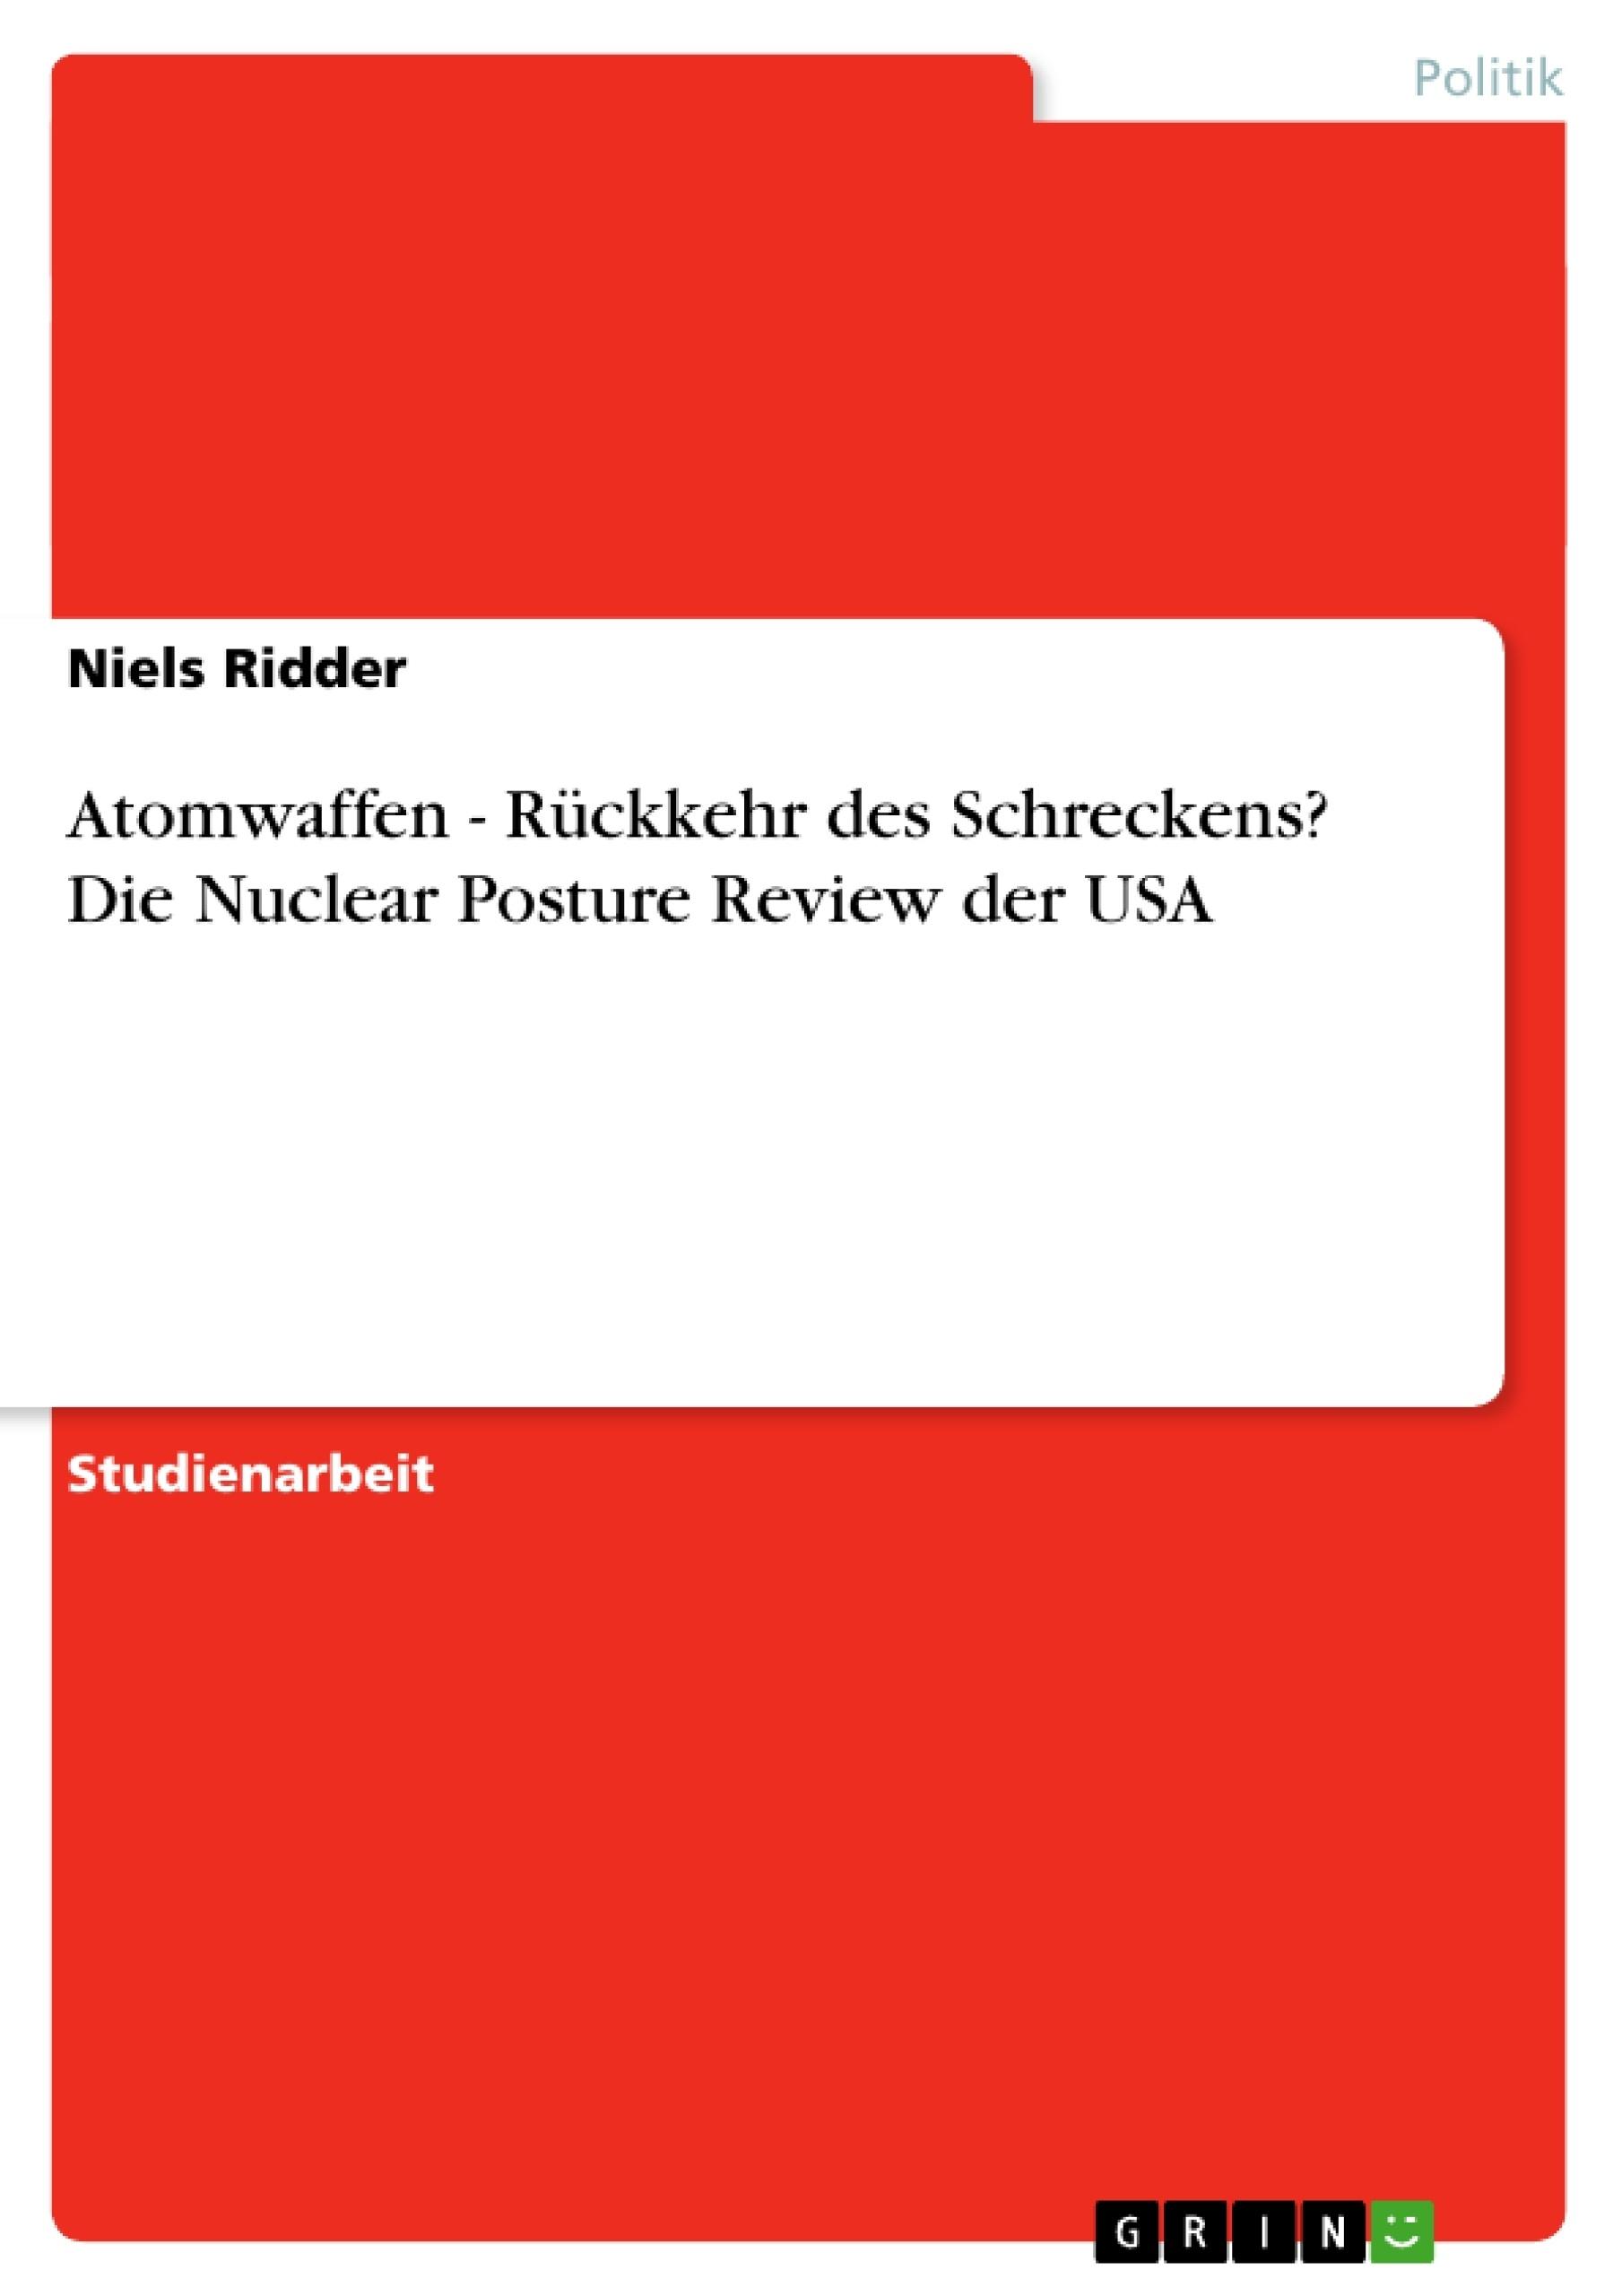 Titel: Atomwaffen - Rückkehr des Schreckens?  Die Nuclear Posture Review der USA